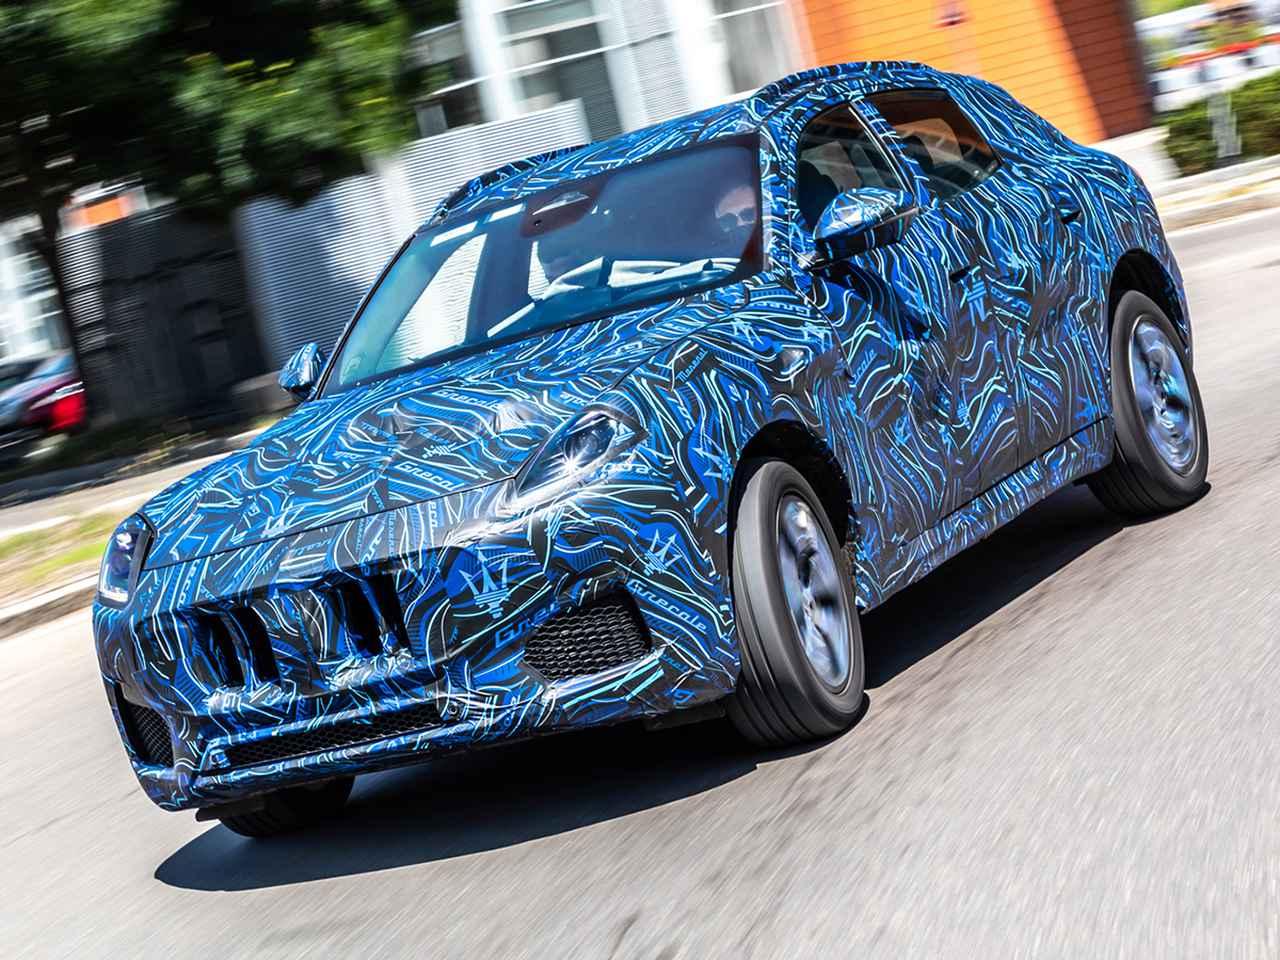 新型SUV「マセラティ グレカーレ」が11月16日にイタリア・ミラノで世界初公開に